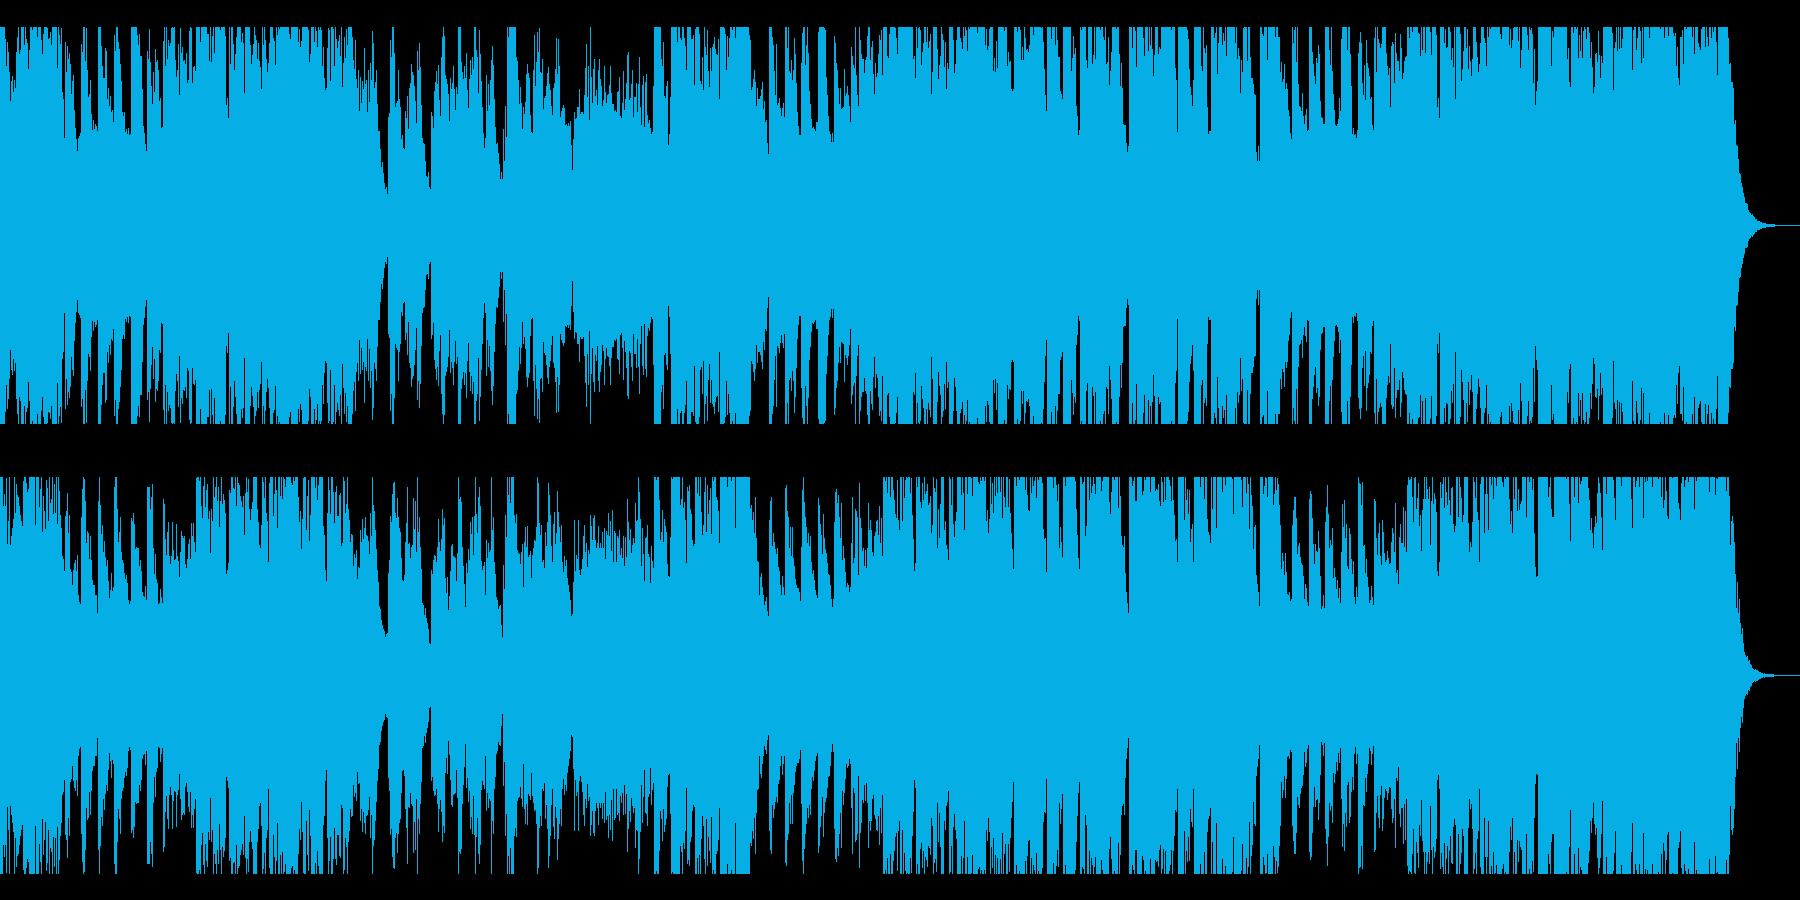 オーケストラ的シンセ音楽の再生済みの波形